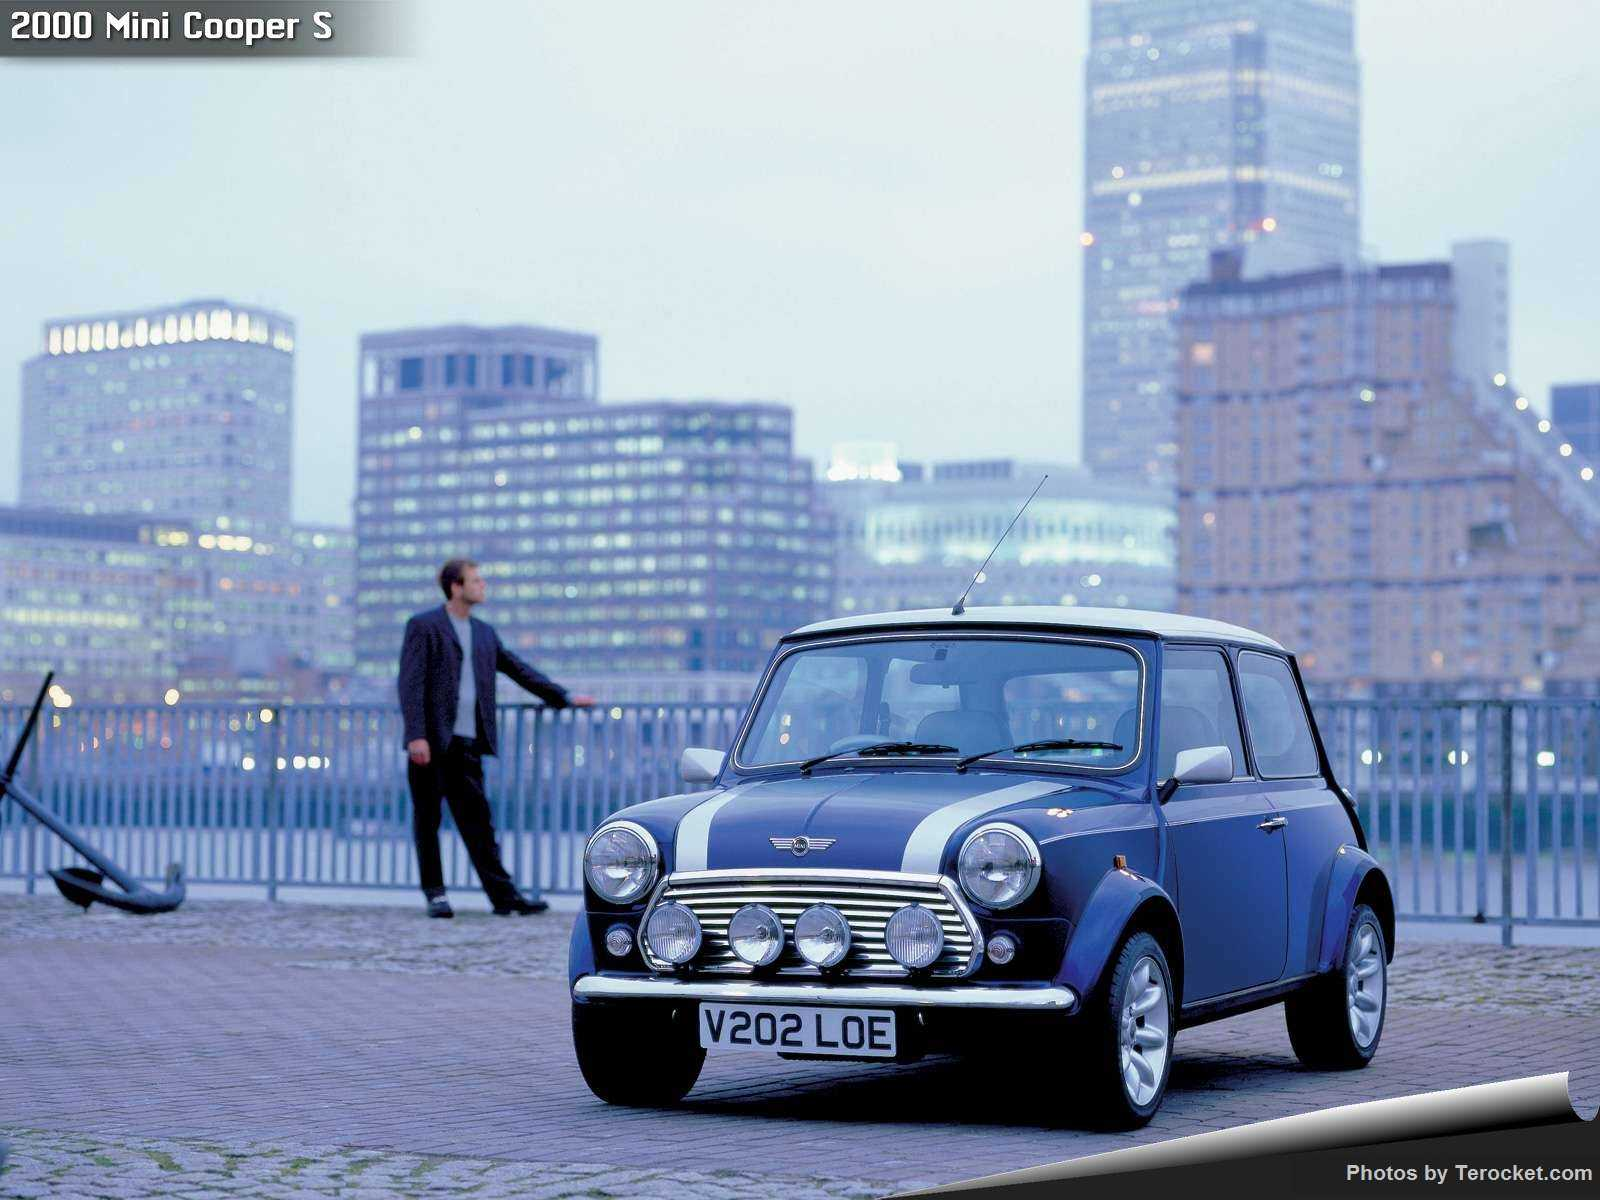 Hình ảnh xe ô tô Mini Cooper S 2000 & nội ngoại thất